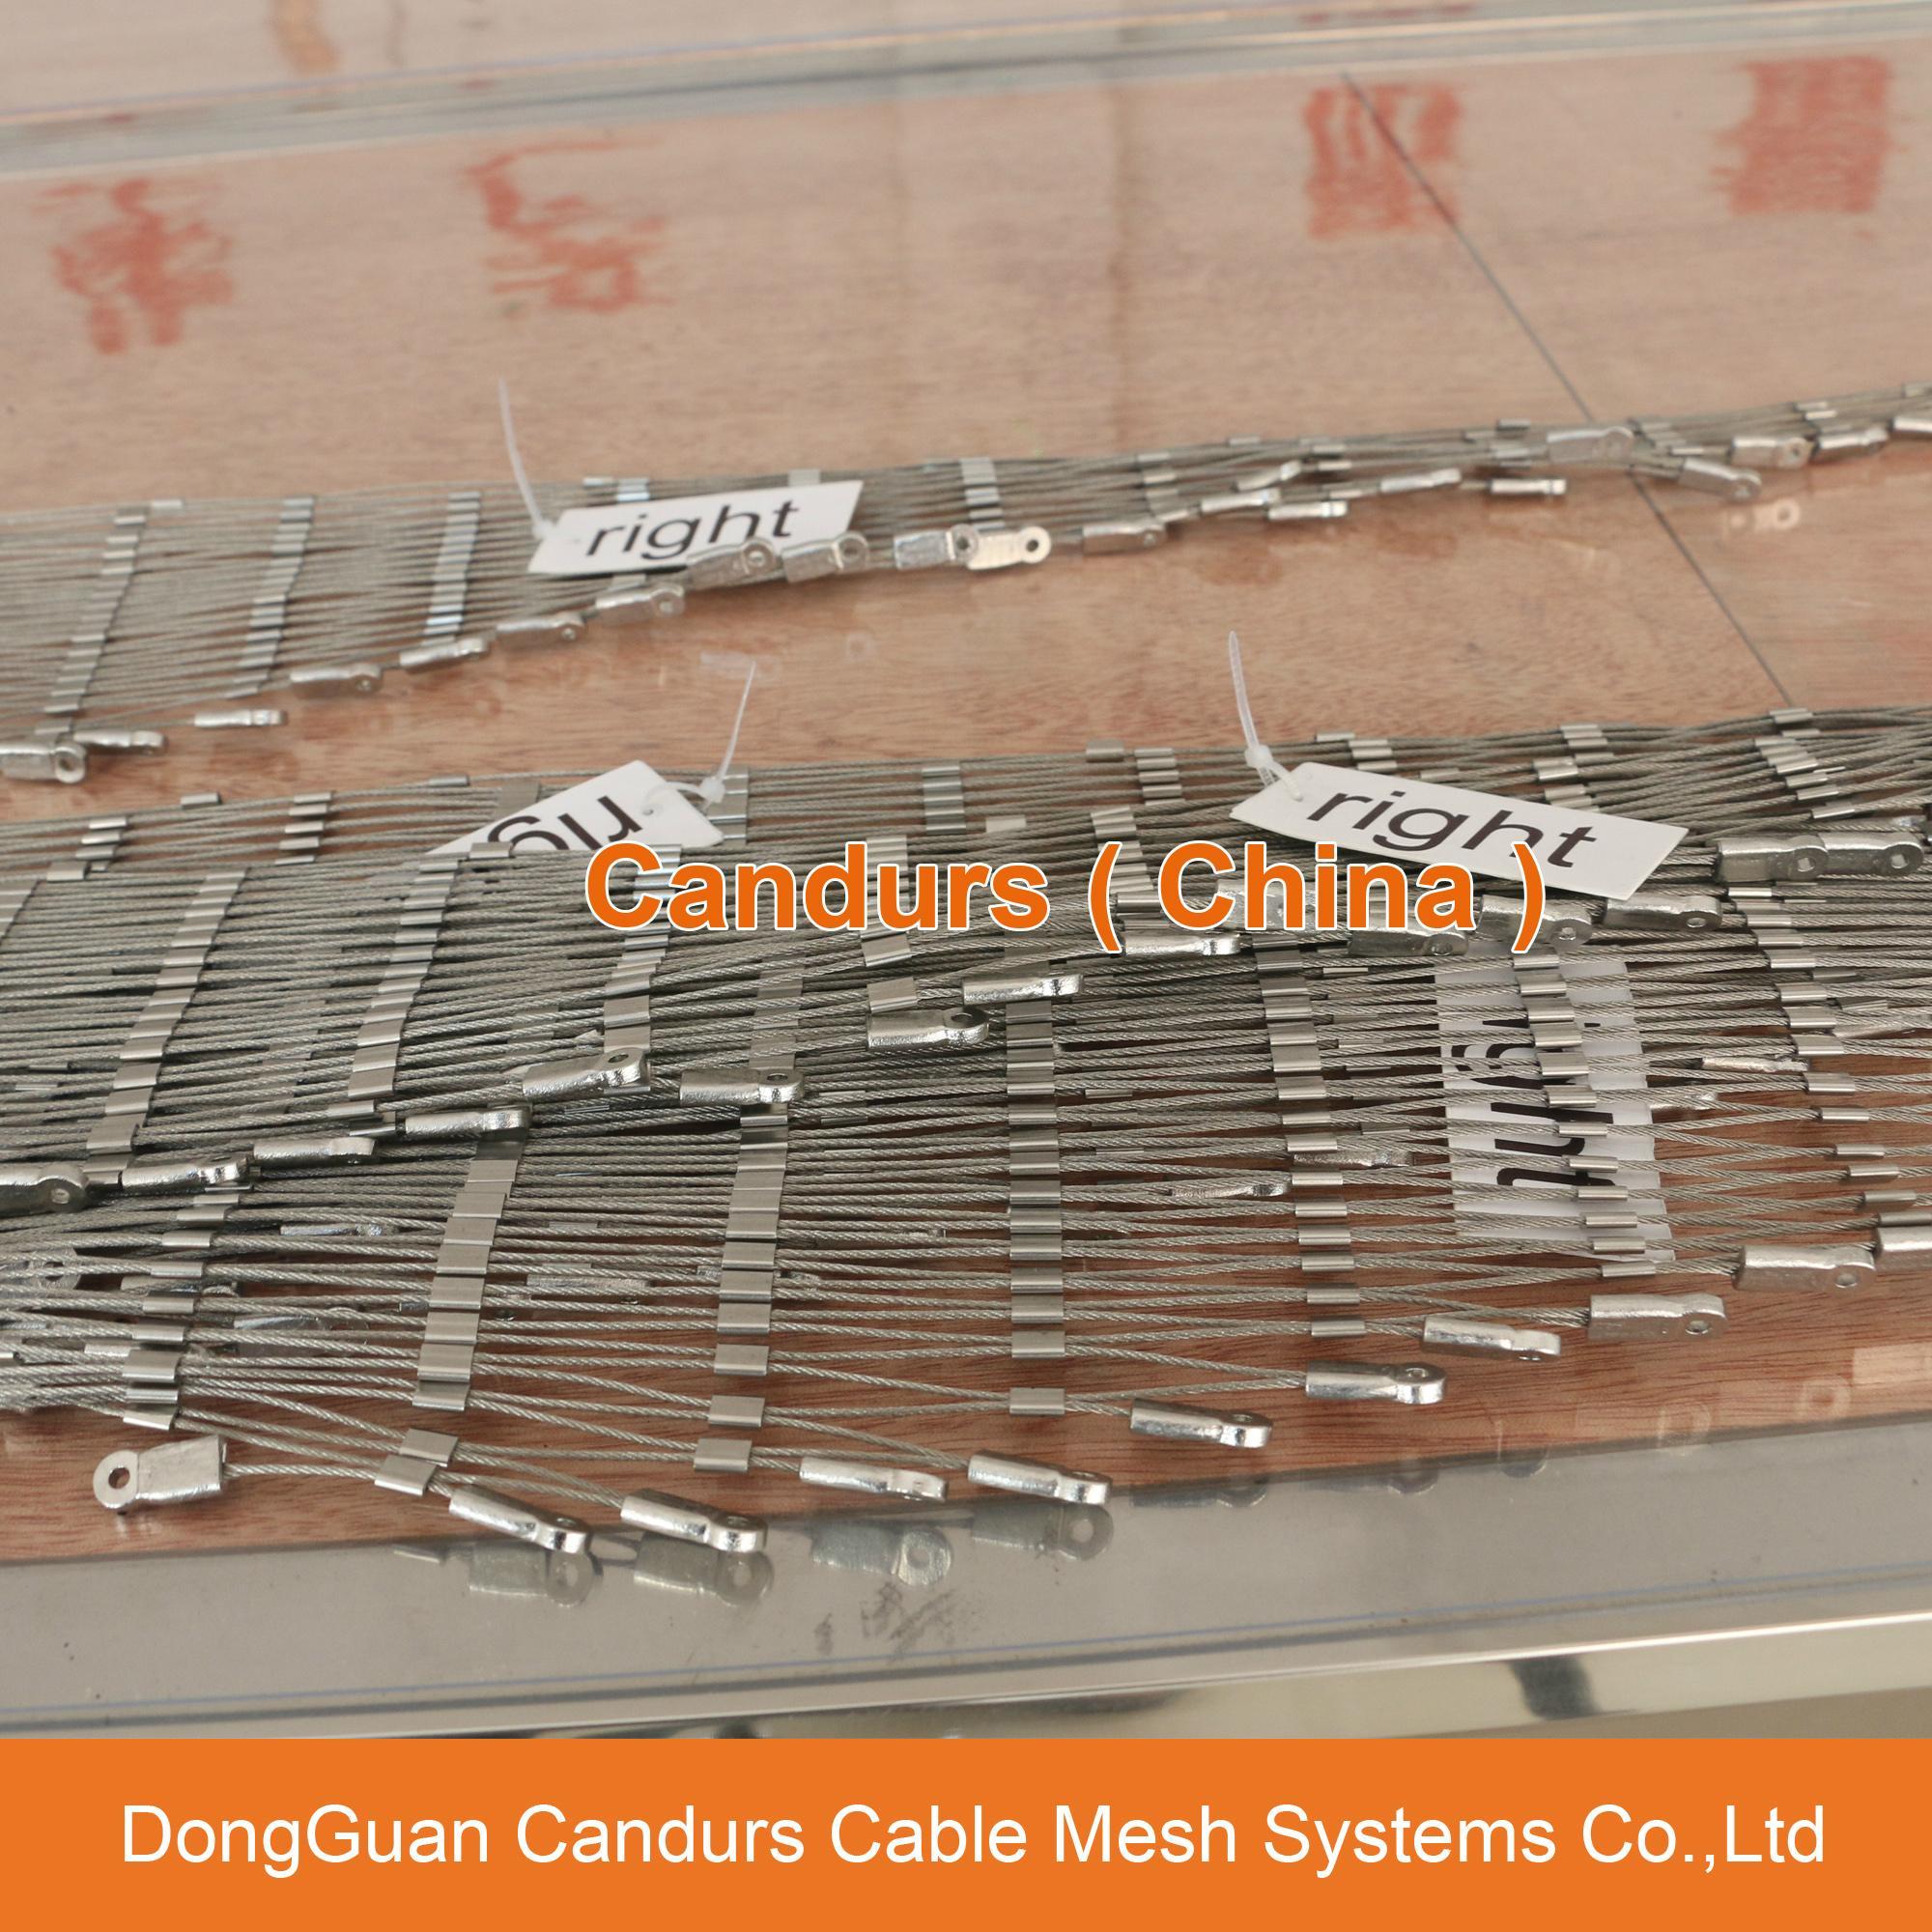 不鏽鋼繩樓梯防護網 5